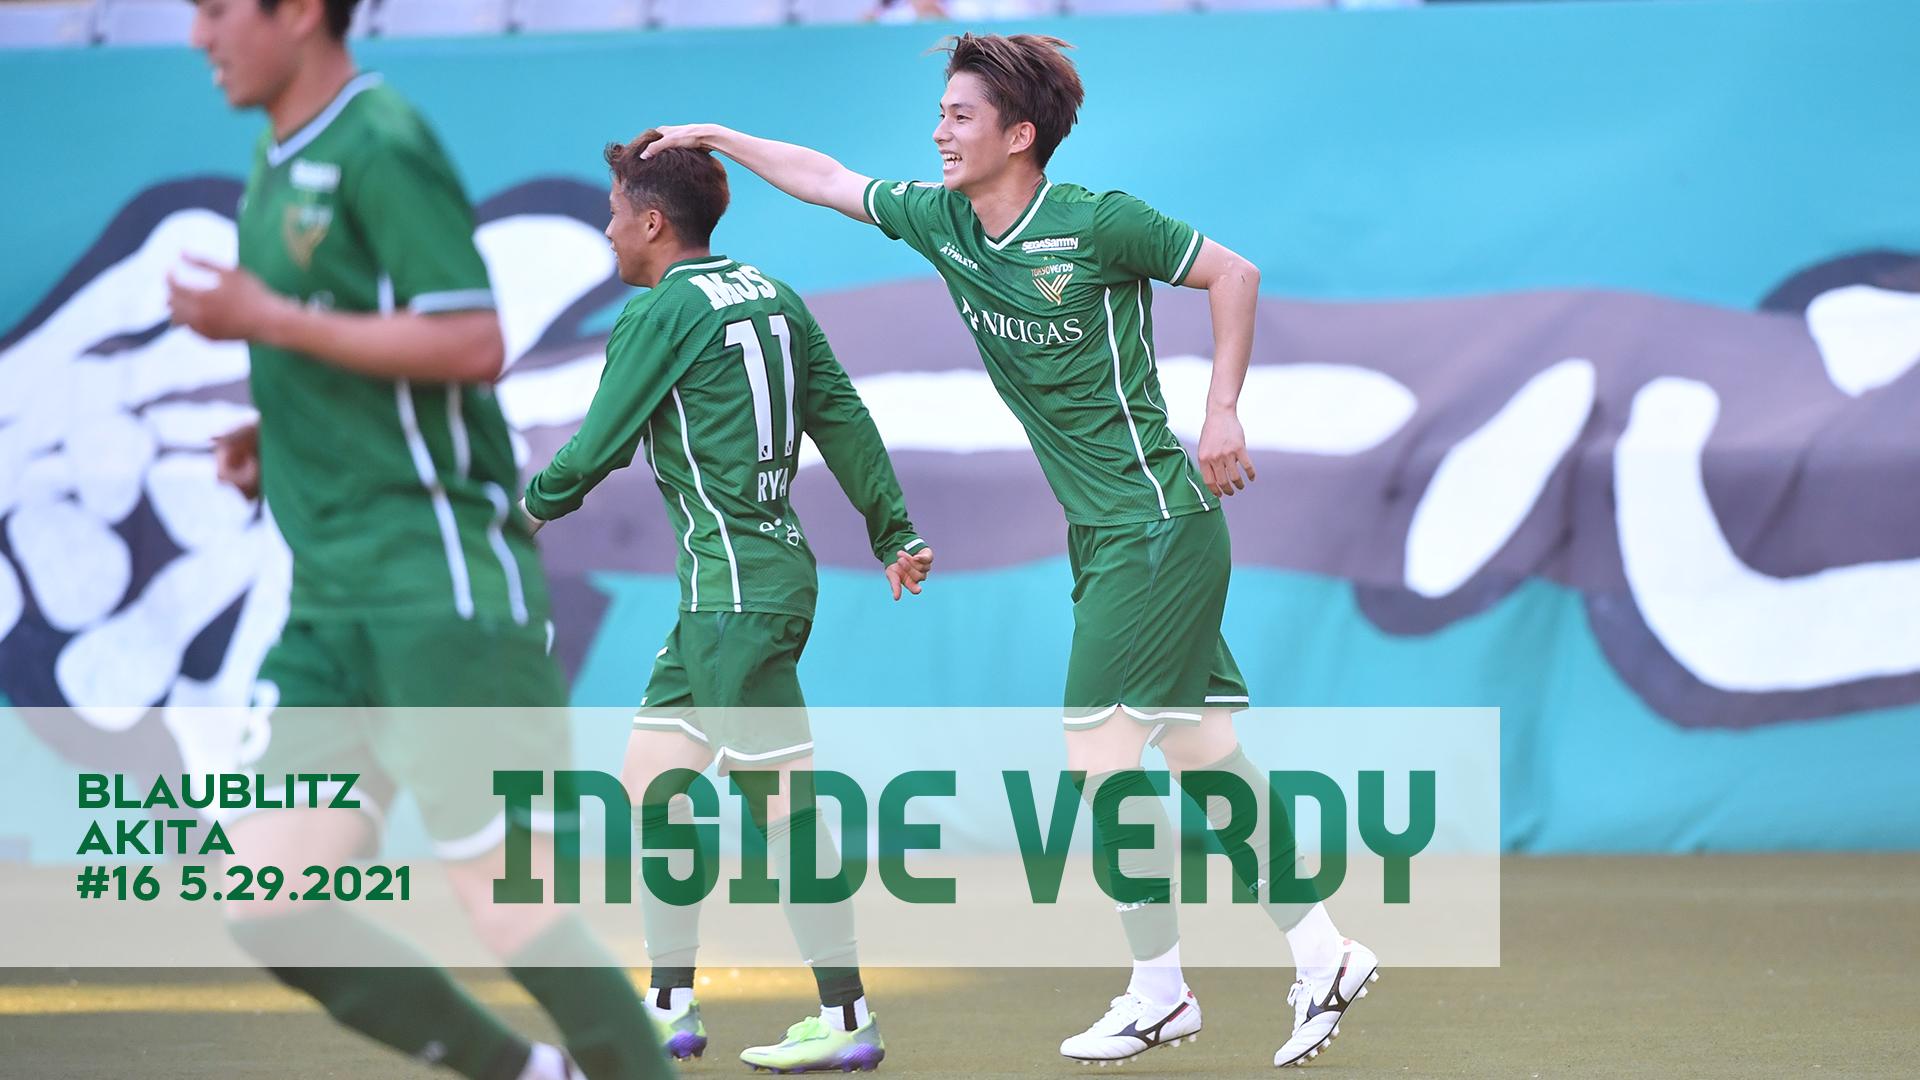 【INSIDE VERDY】2021.5.29 vs ブラウブリッツ秋田